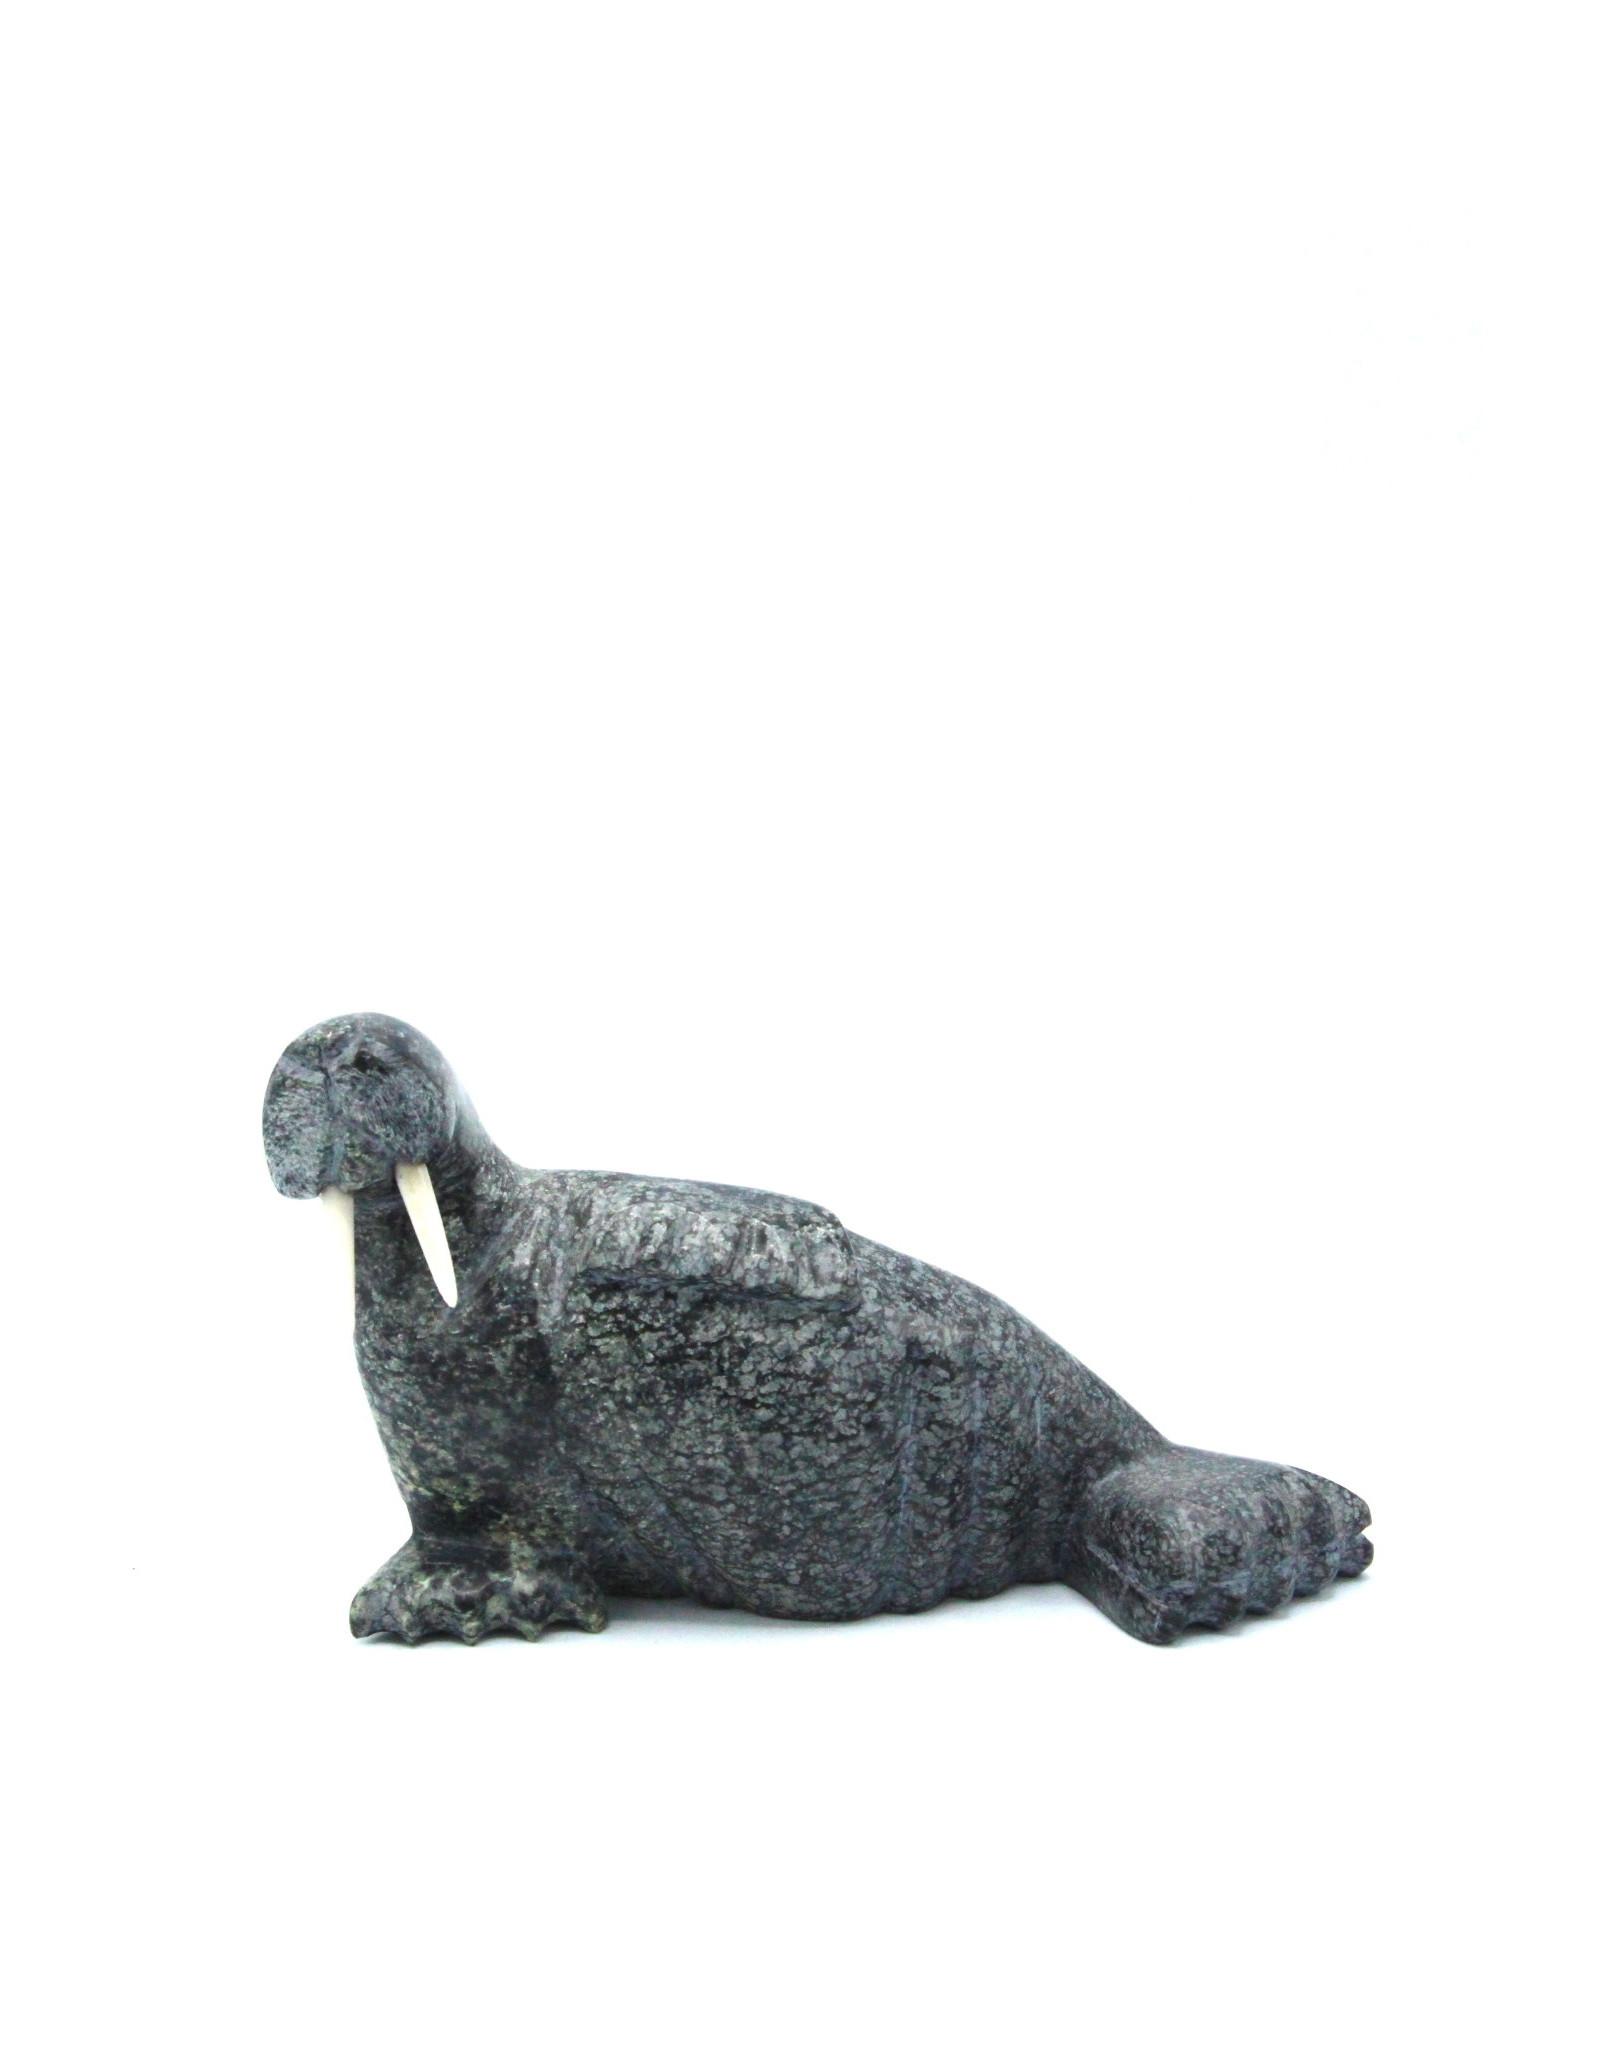 64150 Walrus by Appa Peter